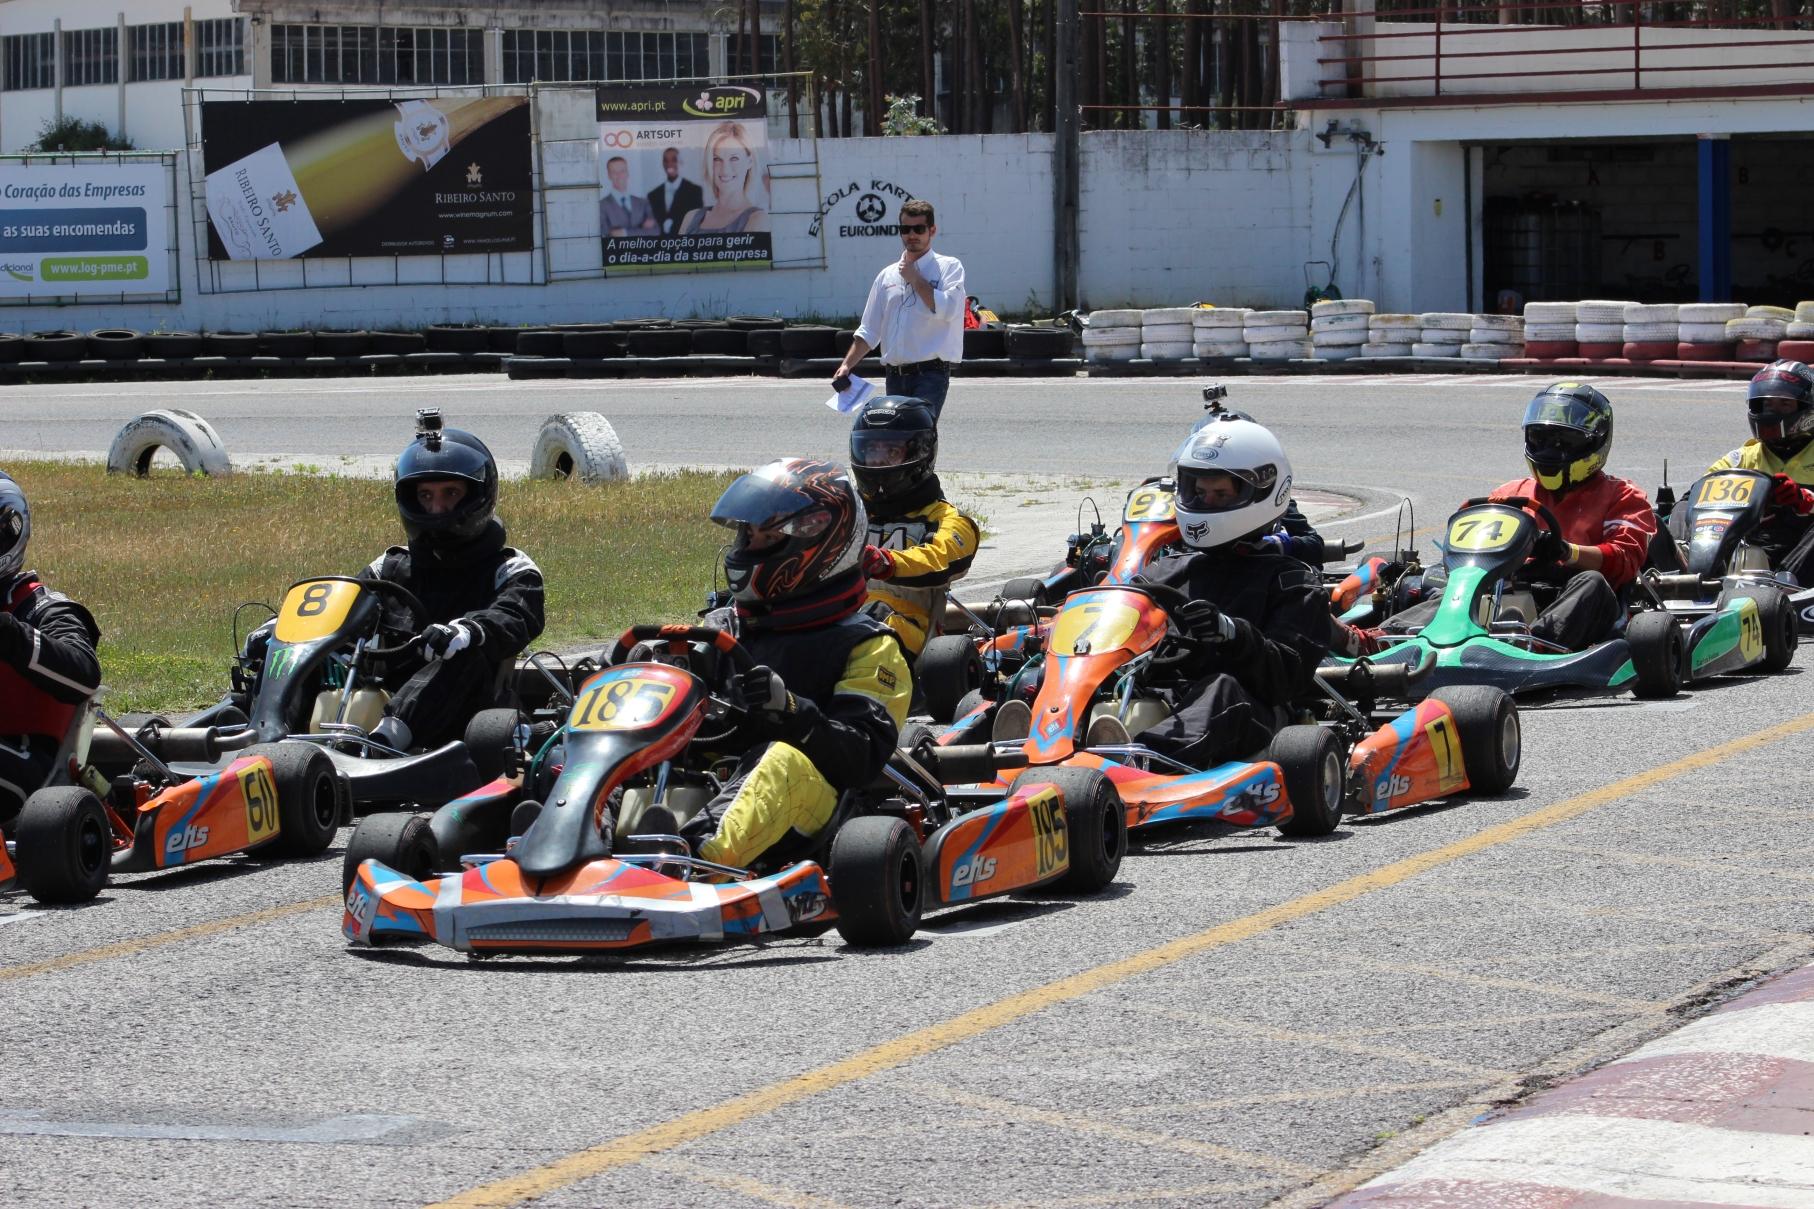 Troféu Honda 2014 - 1ª Prova20